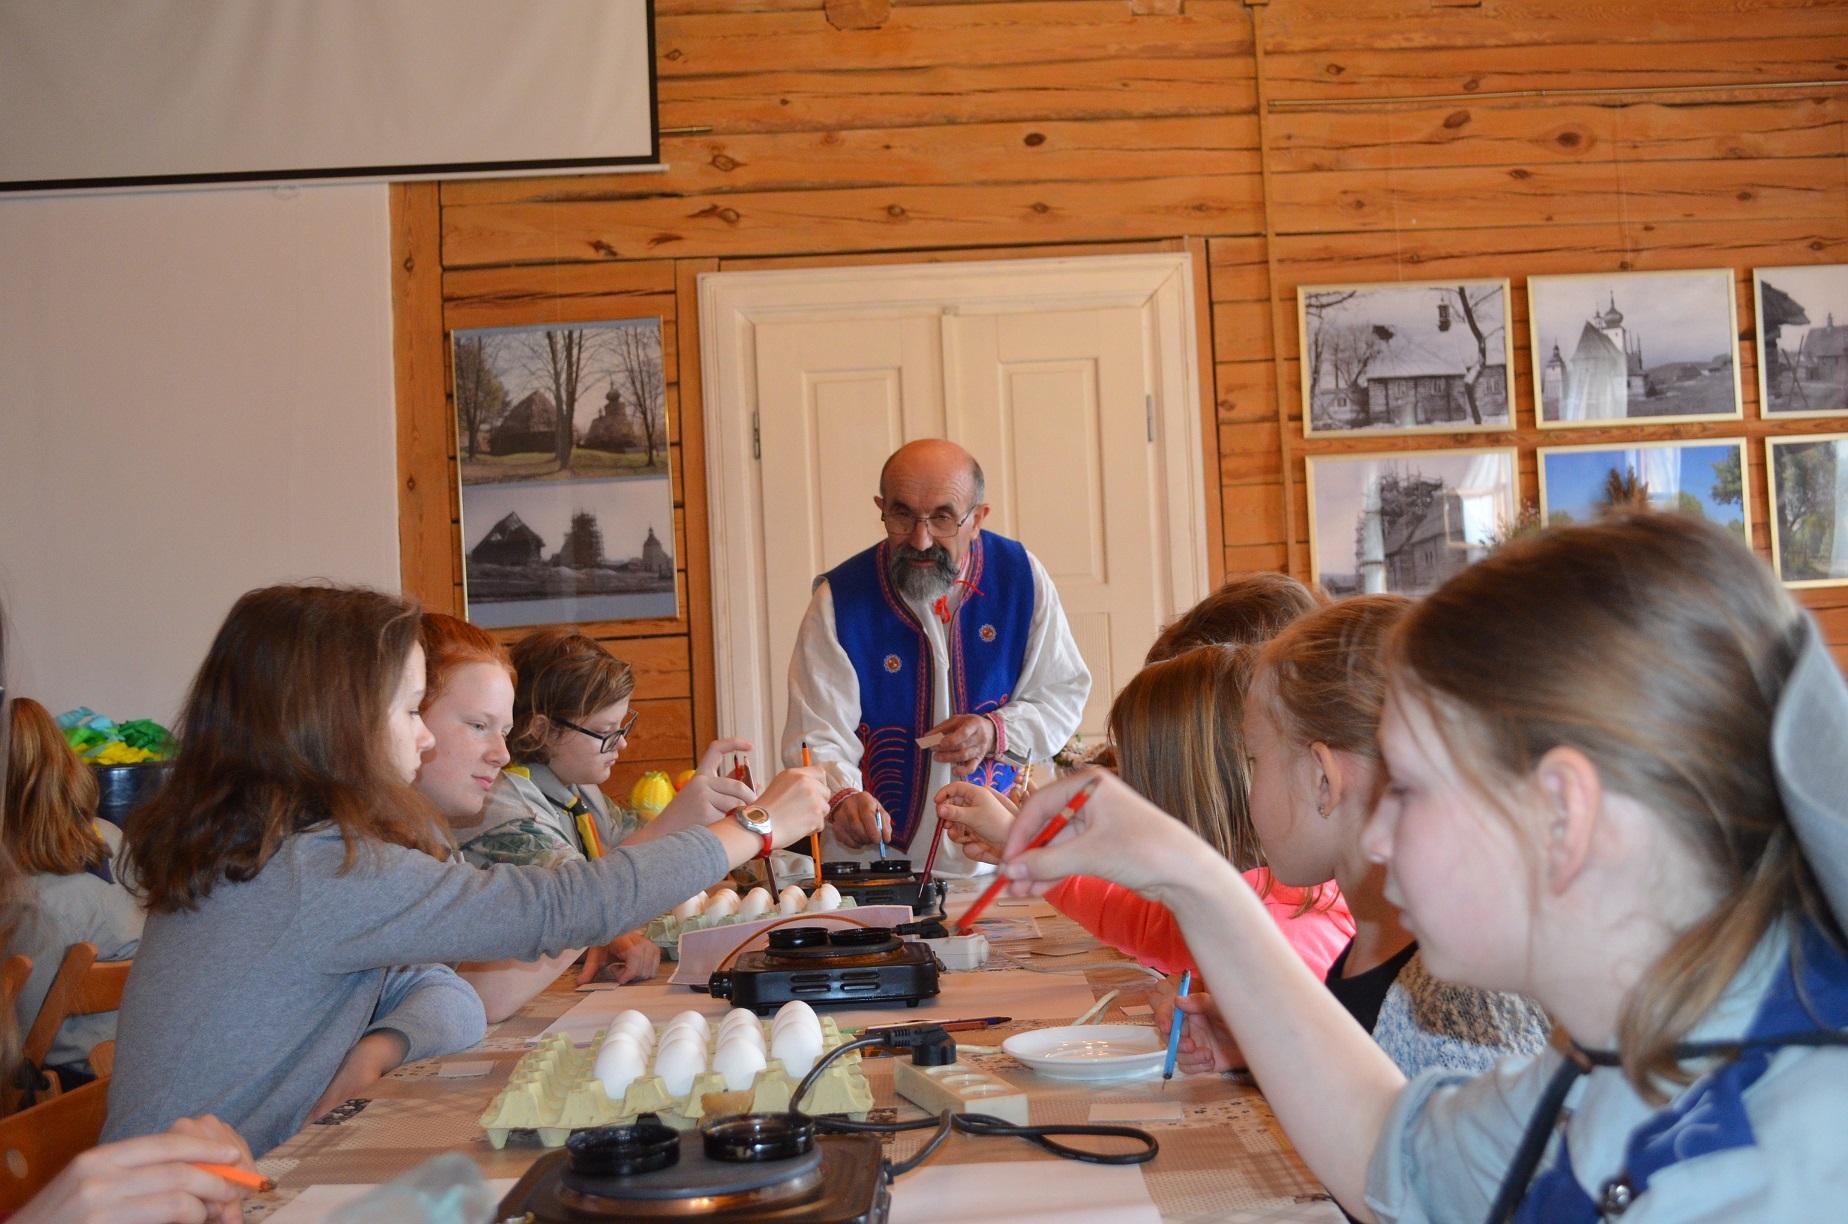 Dziewczynki siedzące przy długim stole w dłoniach trzymają ołówki zakończone szpilkami. Zanurzają je w roztopionym wosku